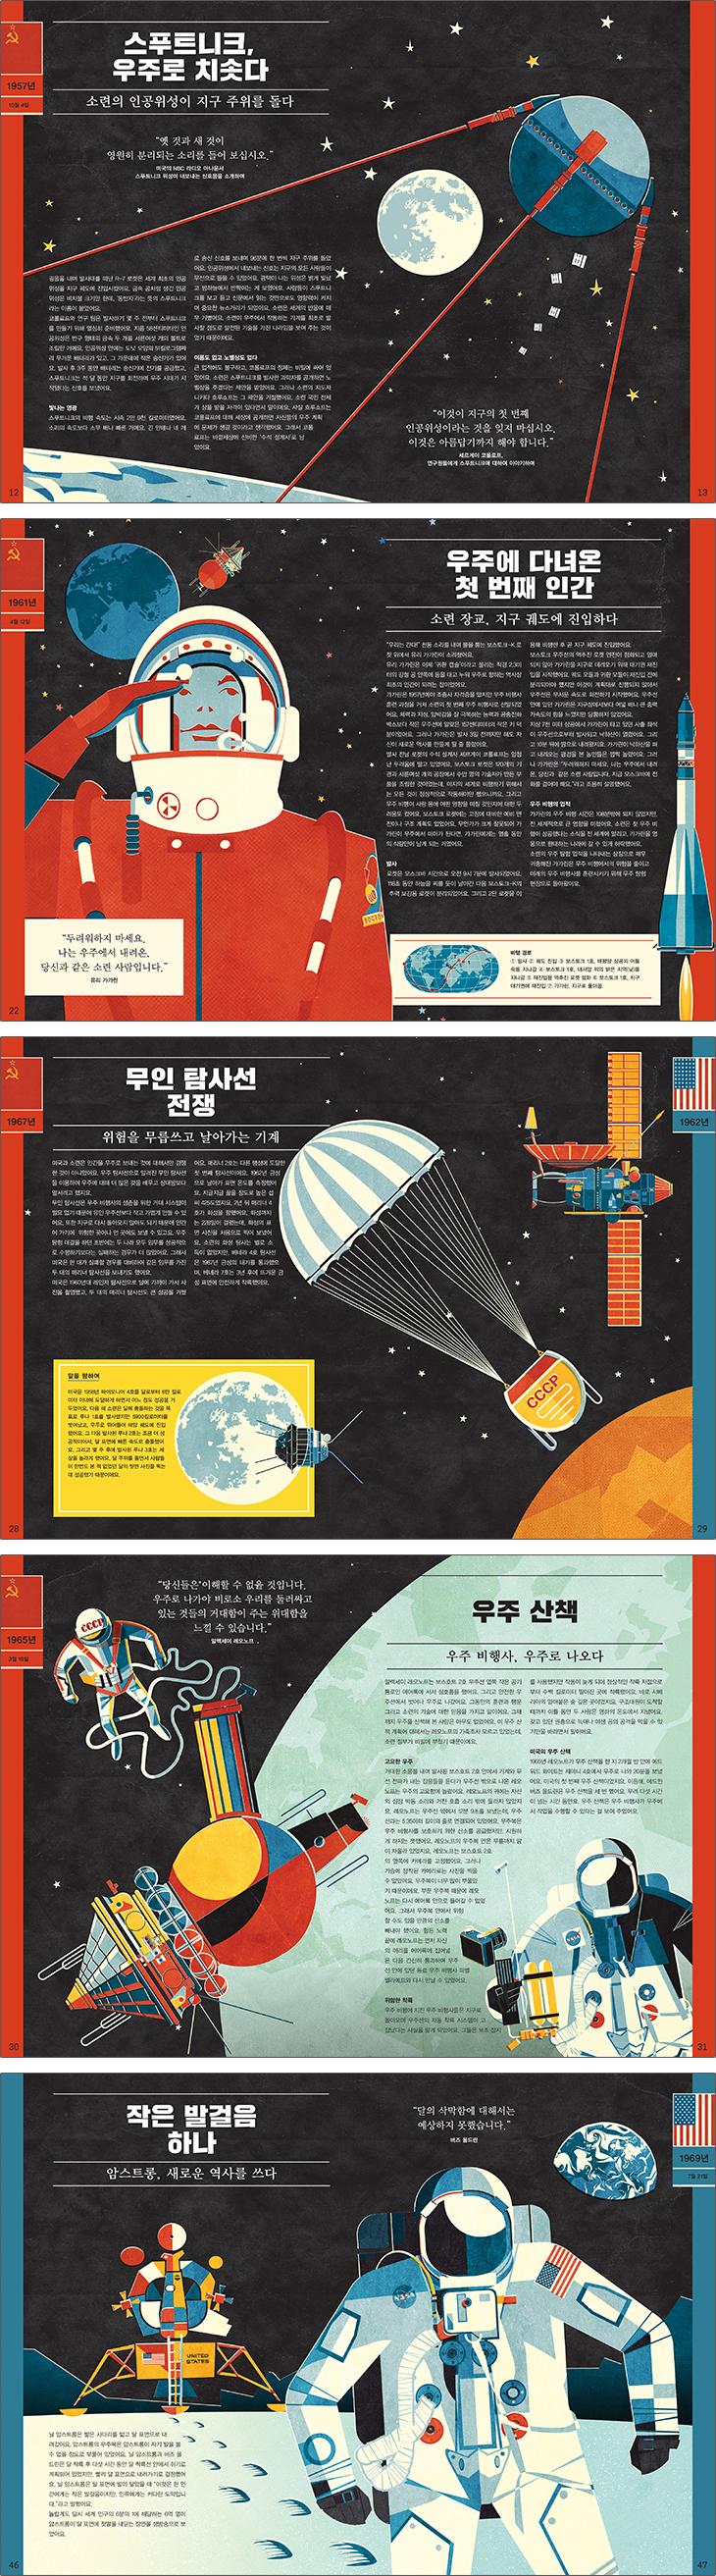 우주 탐험 대결 미리보기.jpg